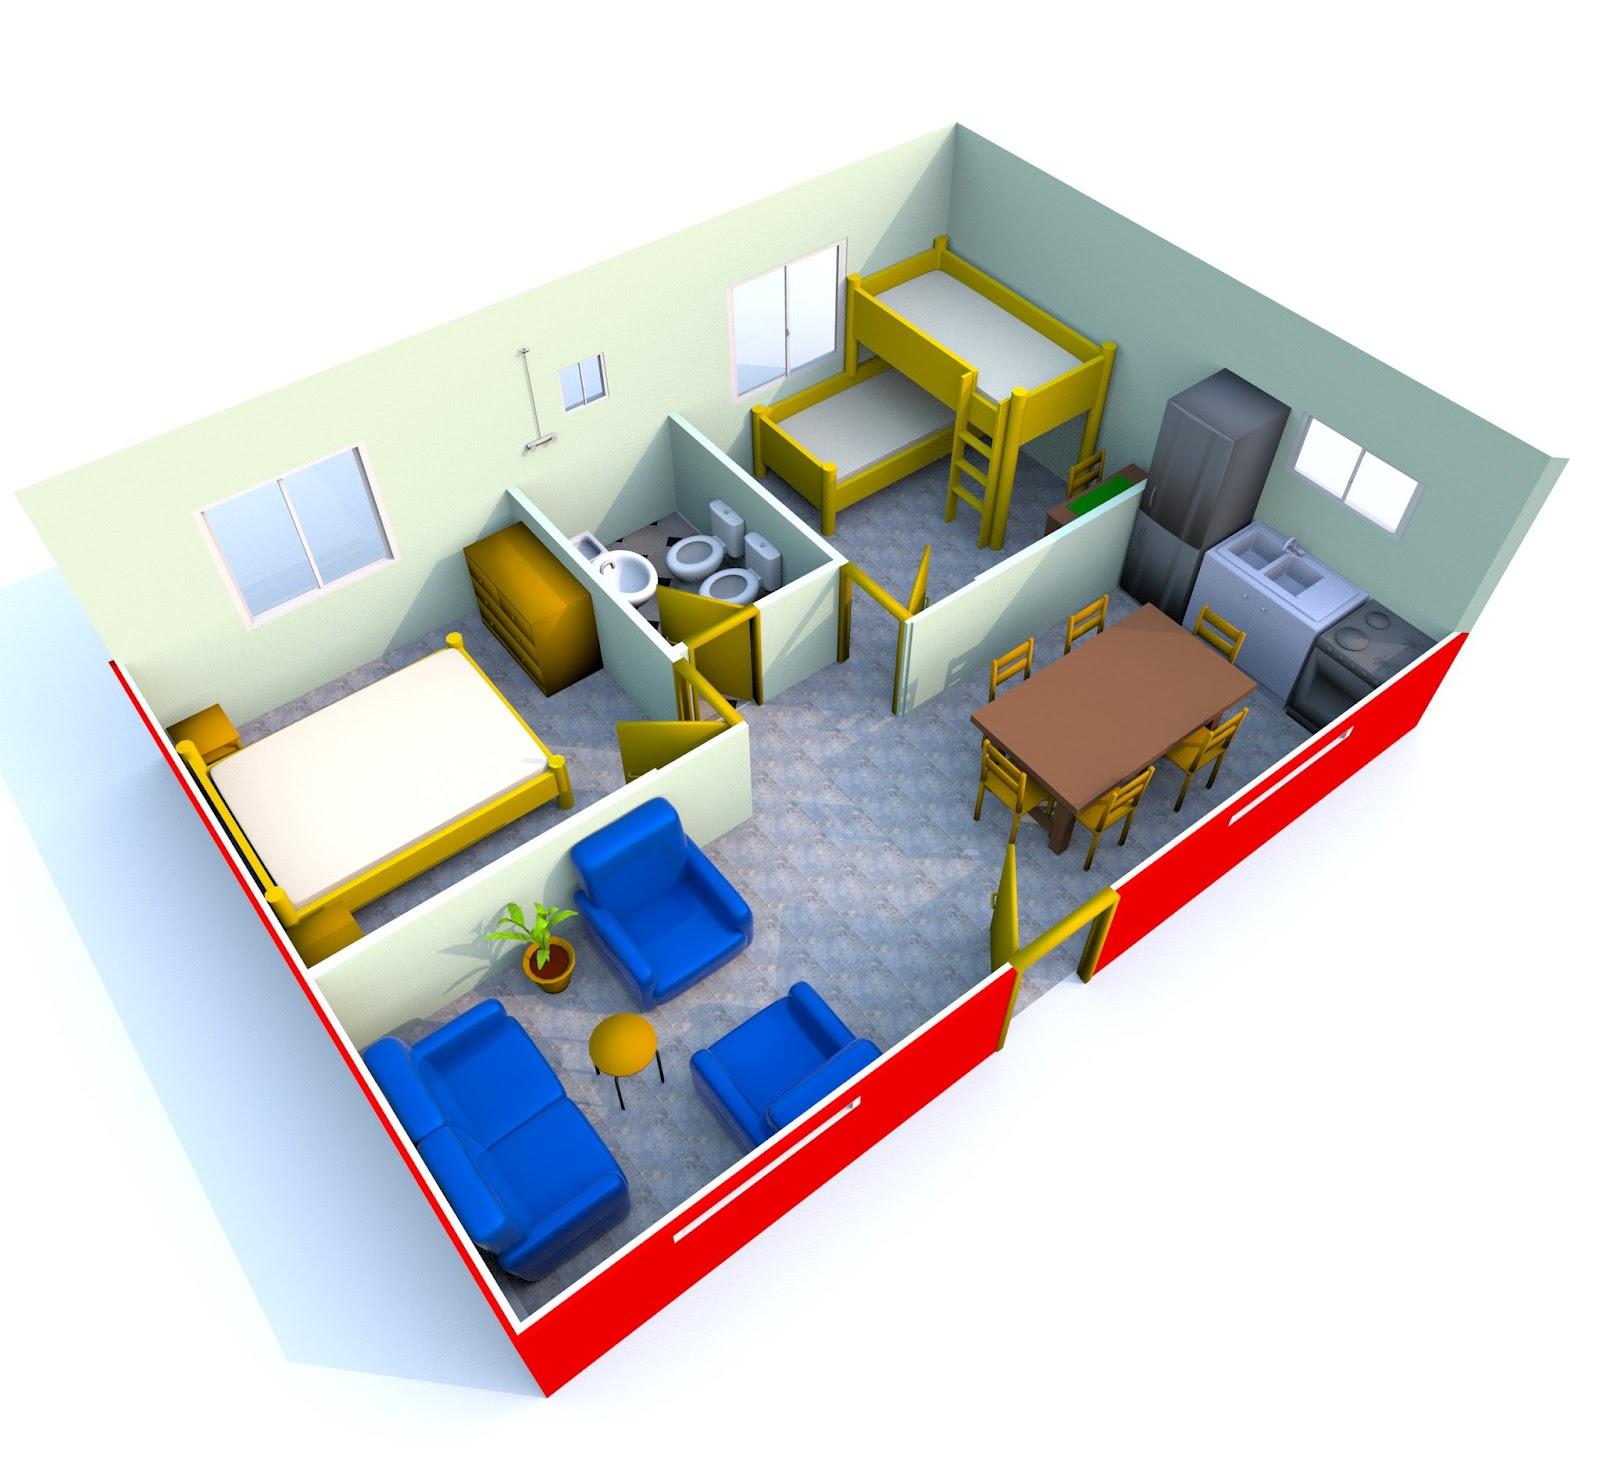 Viviendas la cordobesa santa fe plano de casa de 40 m2 3 for Decoracion casa 40 m2